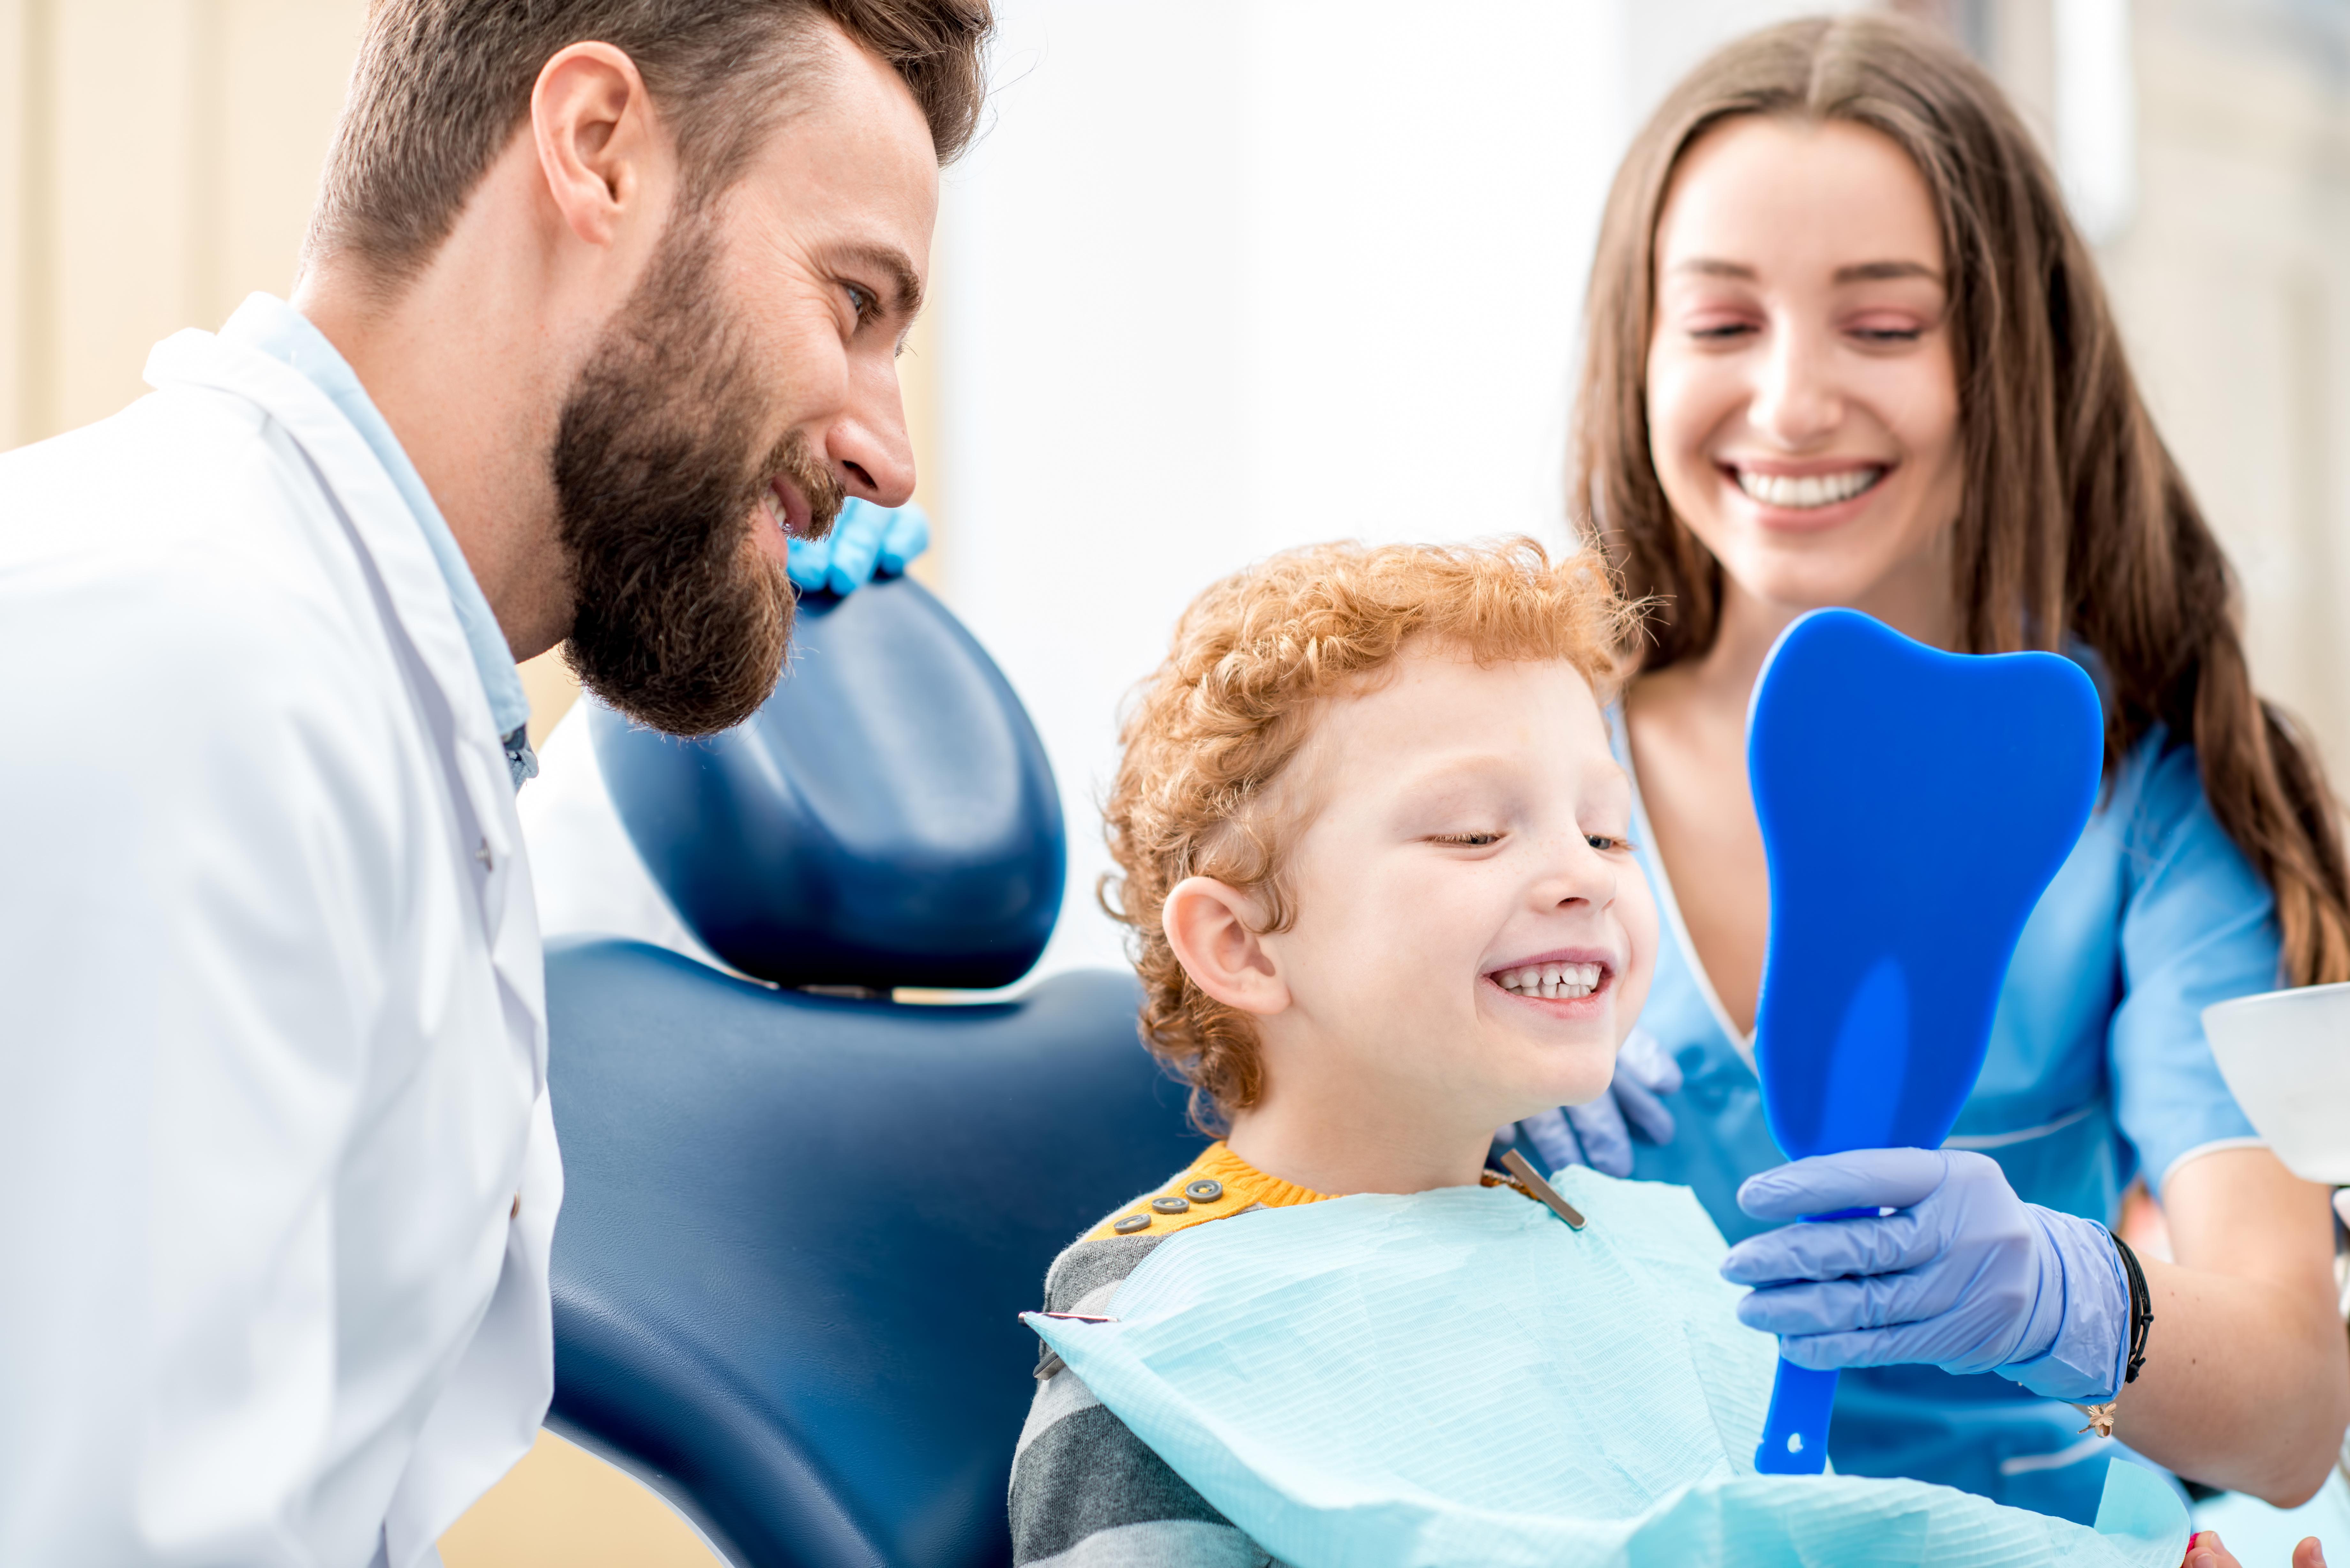 Sedazione cosciente bambini dentista